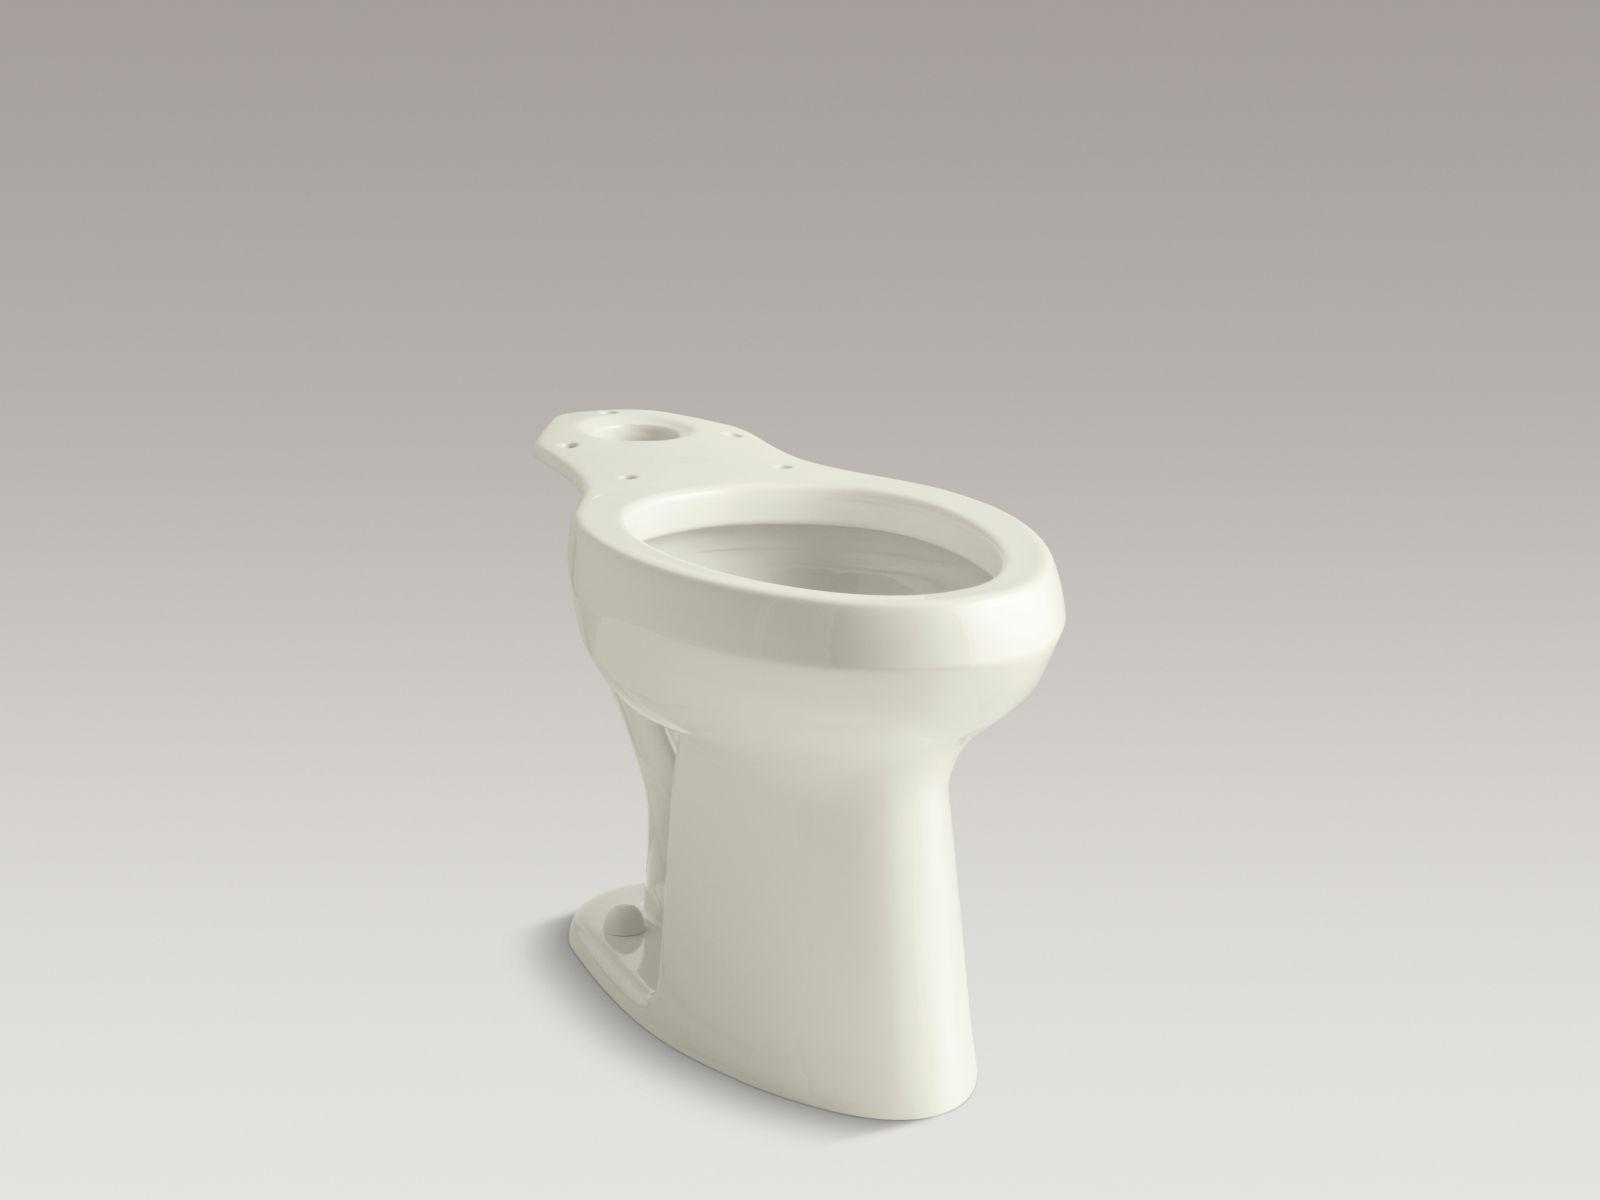 Kohler K-4304-96 Highline Elongated Toilet Bowl with Pressure Lite Technology Biscuit